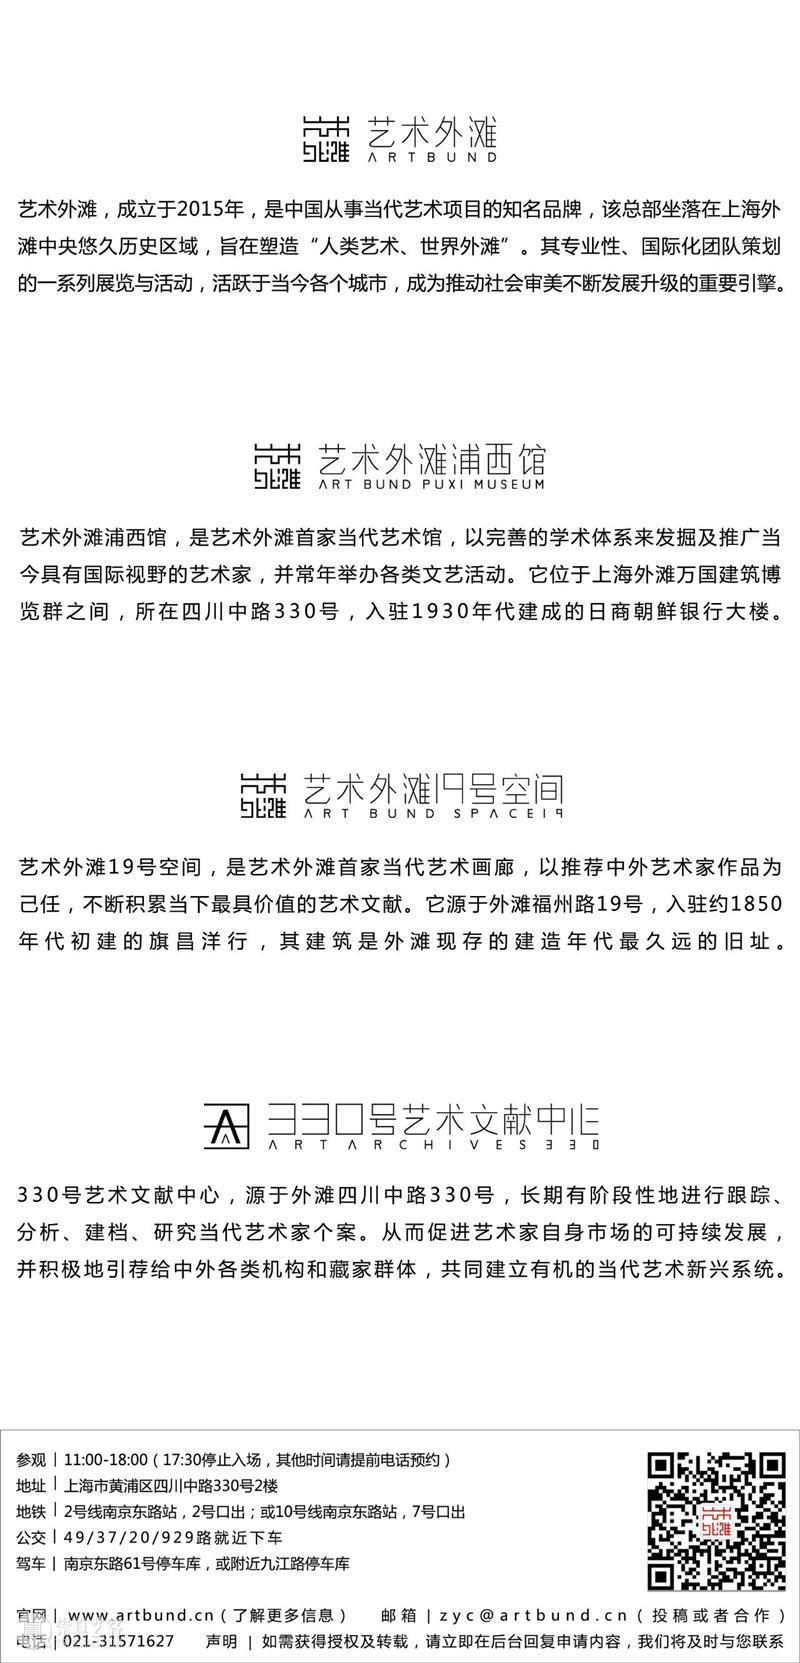 艺术外滩 | 招募:实习生及志愿者 艺术 外滩 实习生 志愿者 中国 项目 品牌 总部 上海外滩中央悠久 历史 崇真艺客